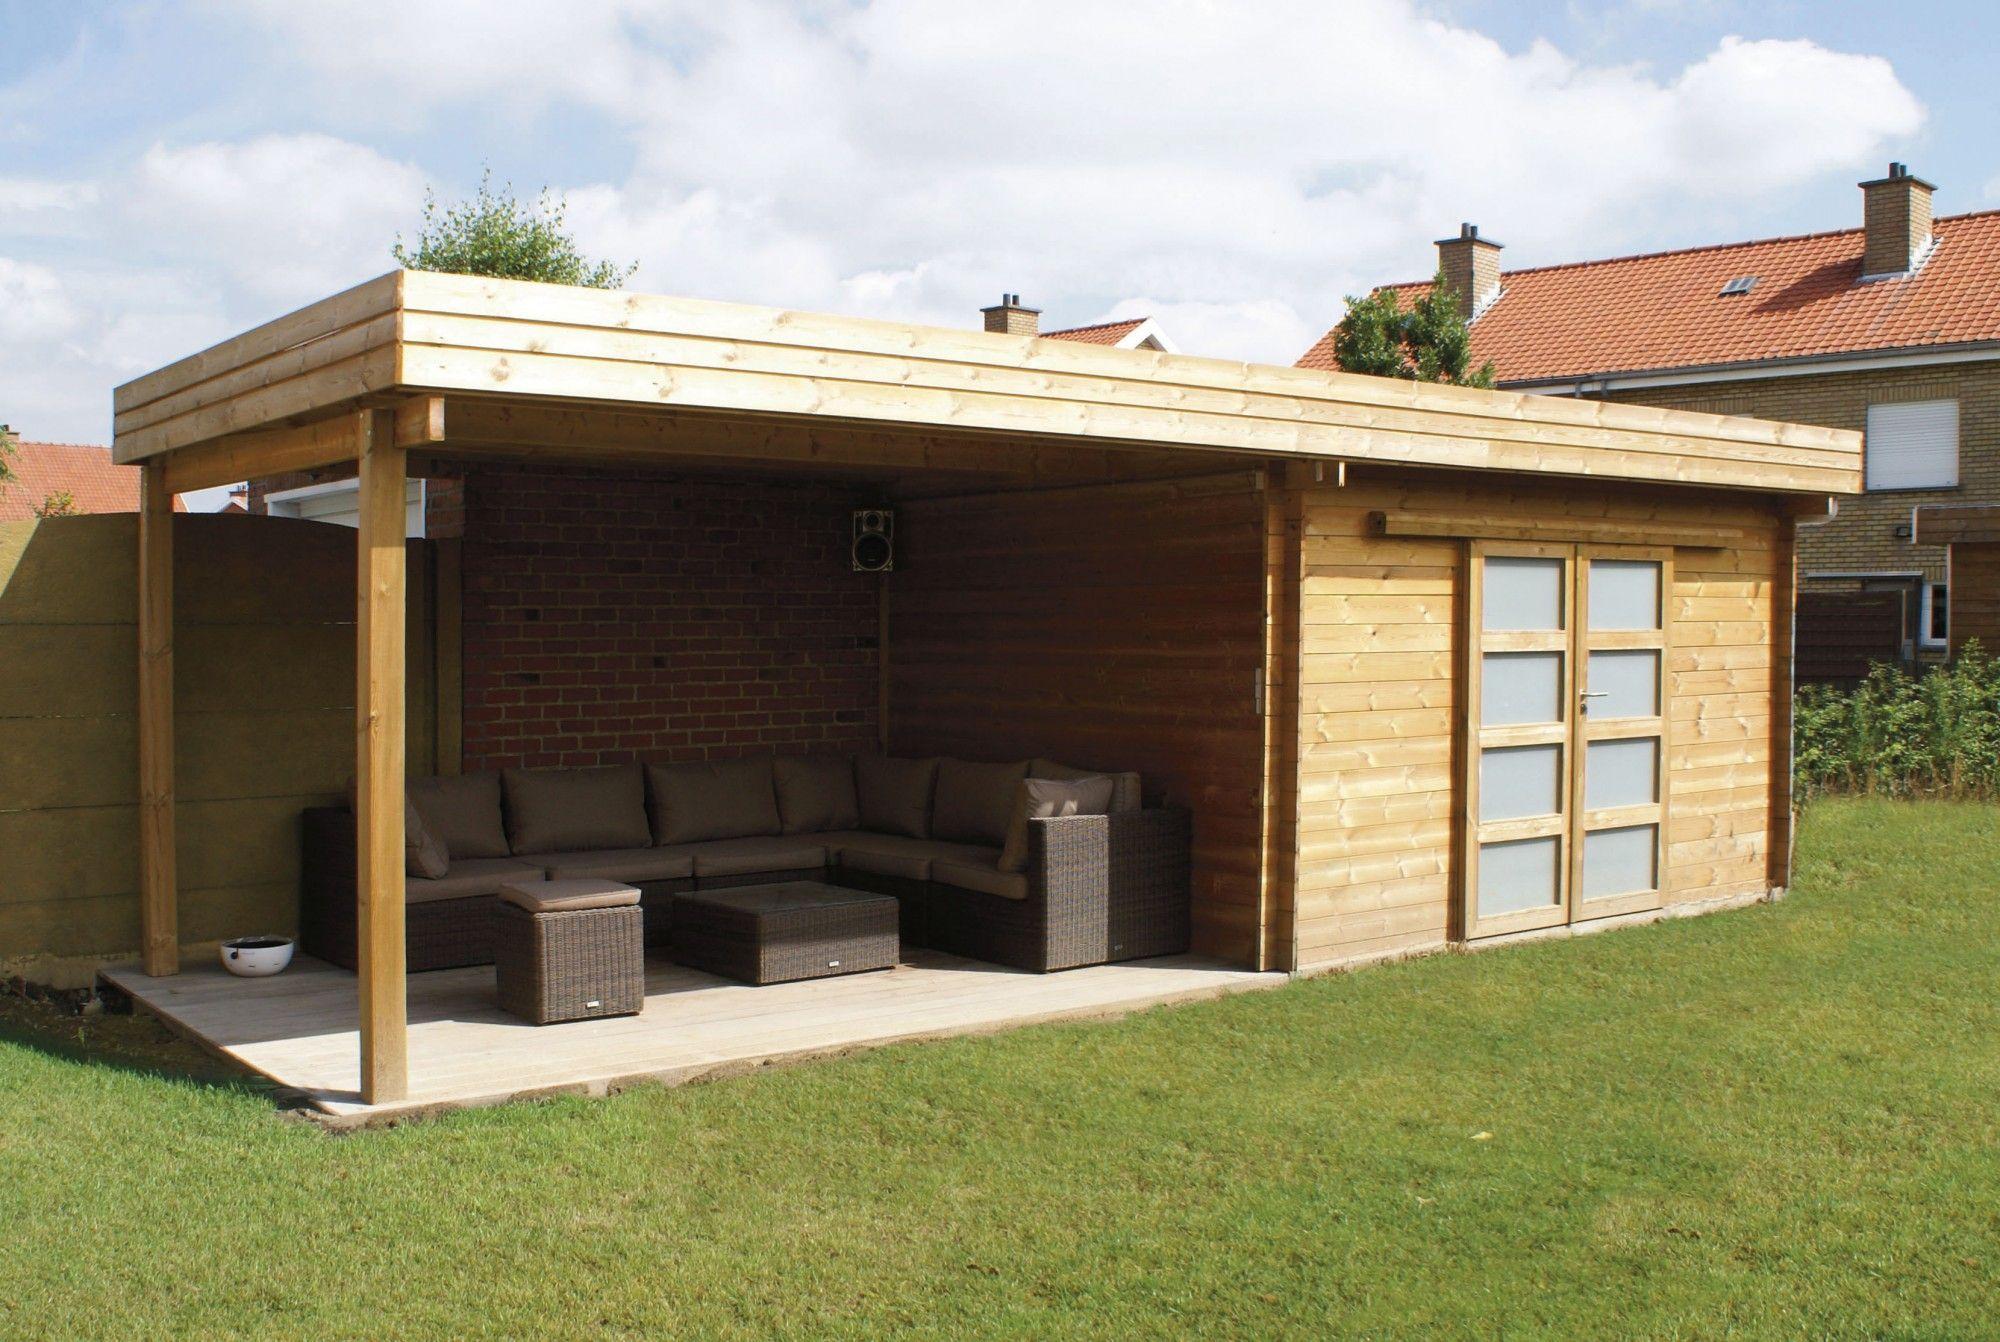 Abri De Jardin Non Clos - Maison Mobilier Et Design | Abri ... concernant Abri Jardin Design